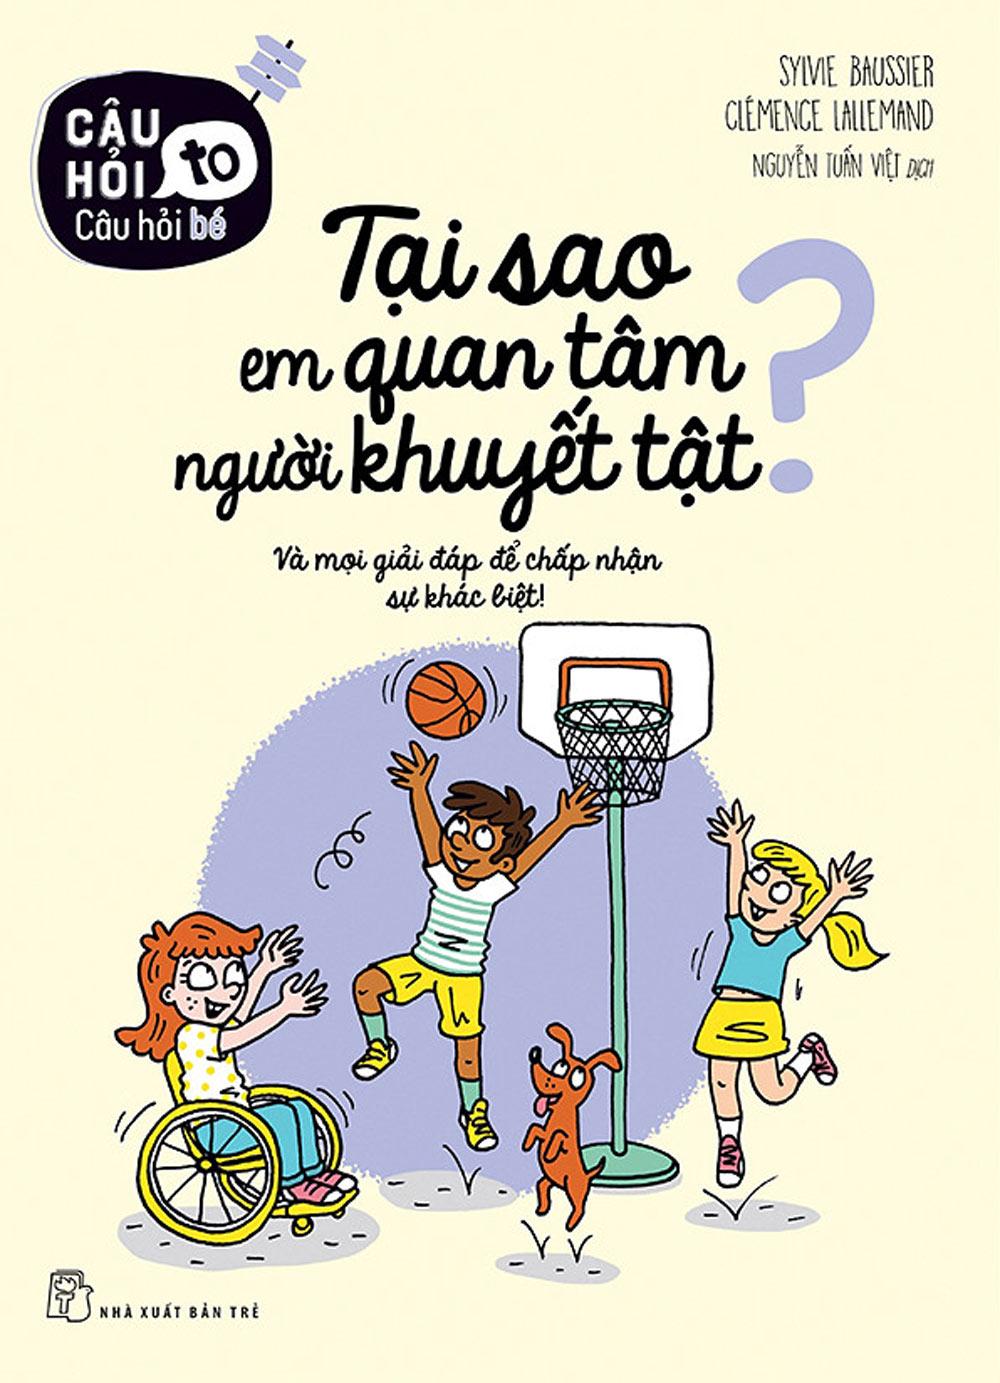 Câu Hỏi To – Câu Hỏi Bé: Tại Sao Em Quan Tâm Người Khuyết Tật? - EBOOK/PDF/PRC/EPUB